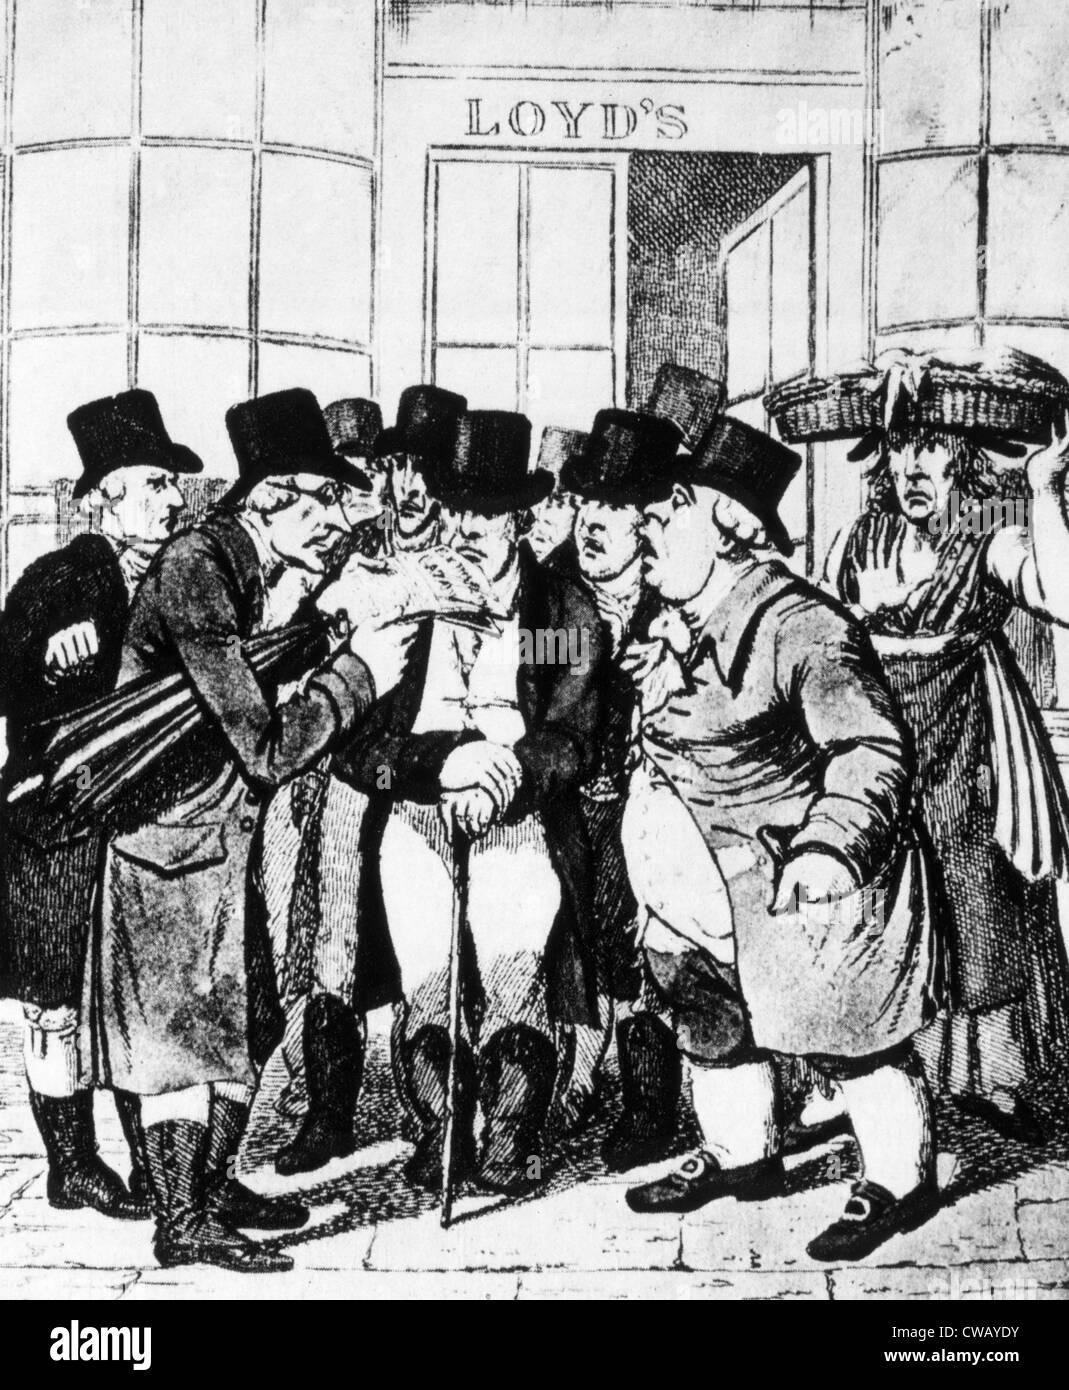 Underwriters delante de Lloyds de Londres del siglo XIX. Foto de stock